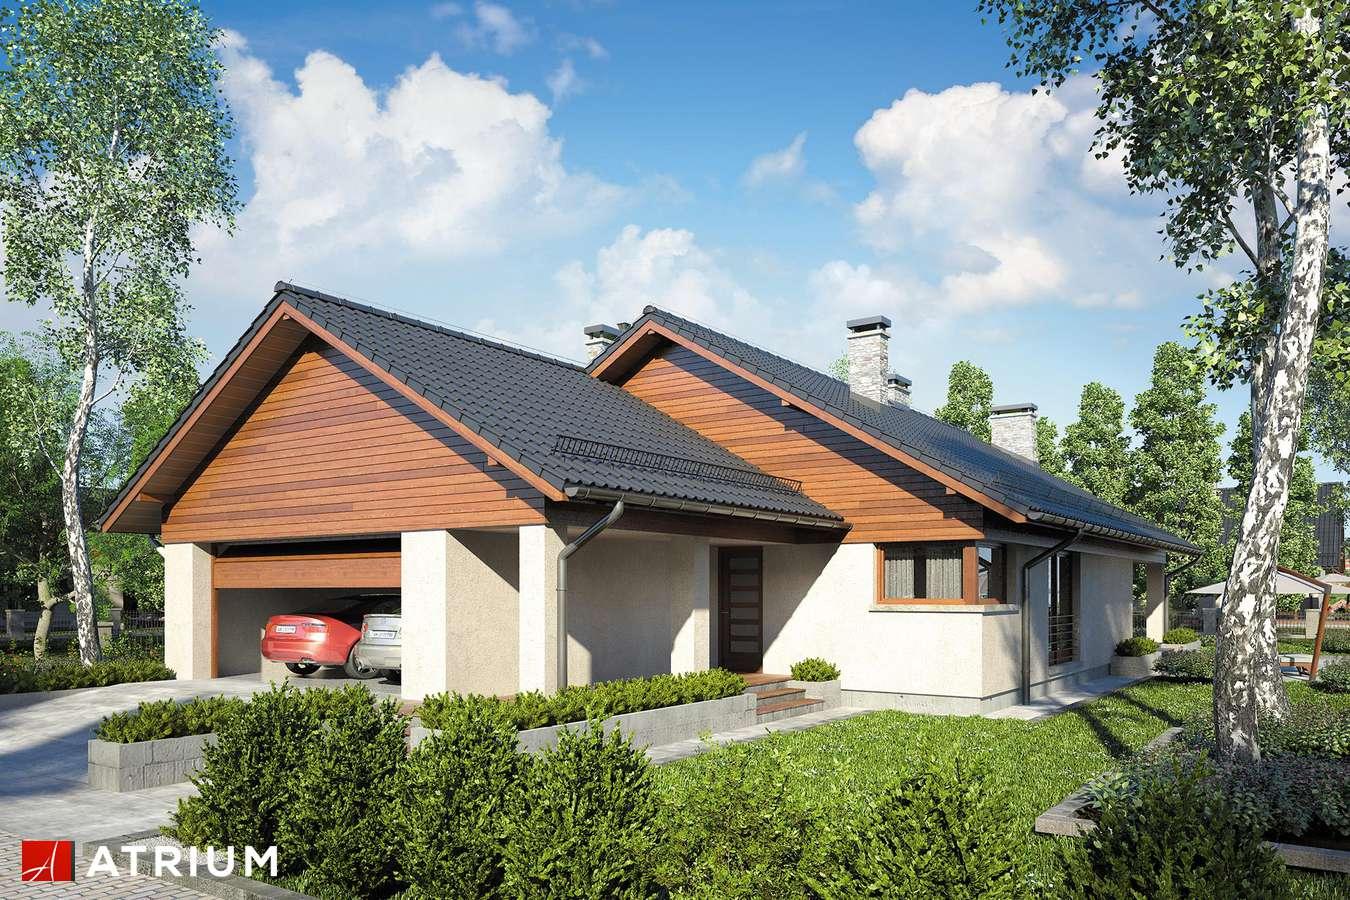 Projekty domów - Projekt domu parterowego IBIS - wizualizacja 1 - wersja lustrzana